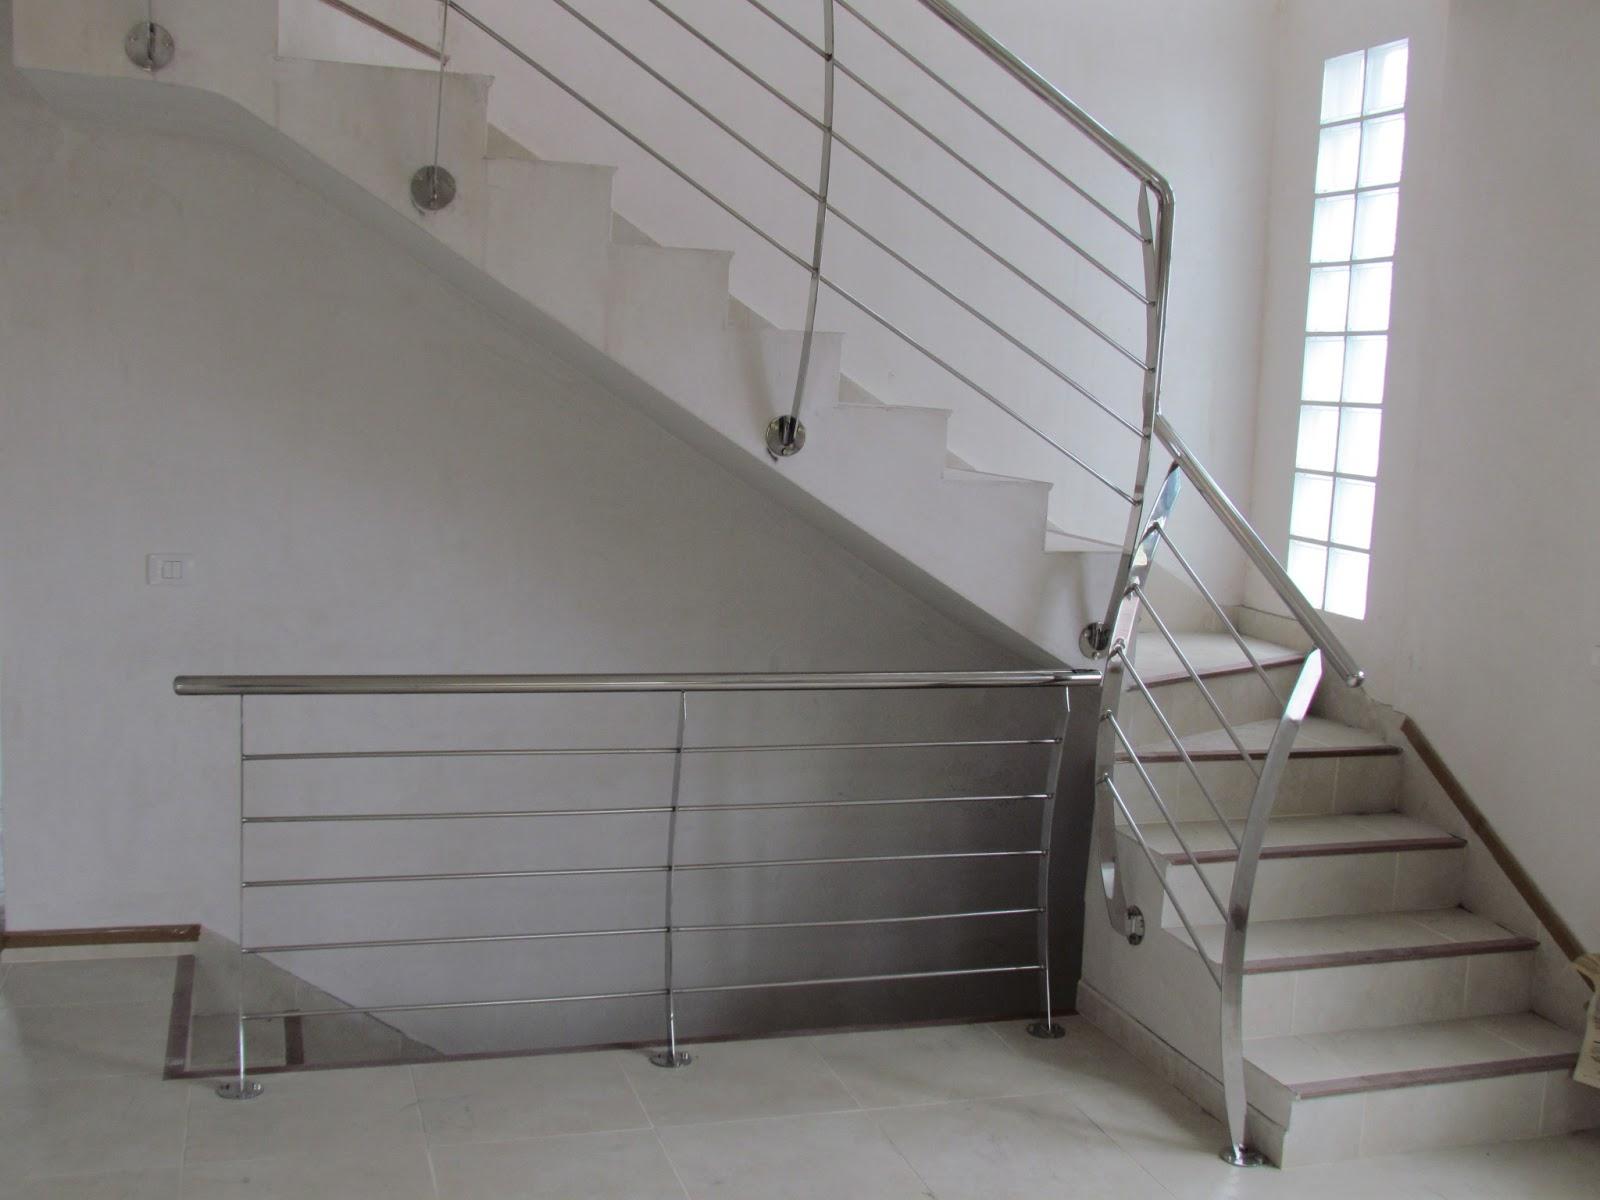 Acero inoxidable tenerife 7 modelos de barandilla acero - Barandillas escaleras modernas ...